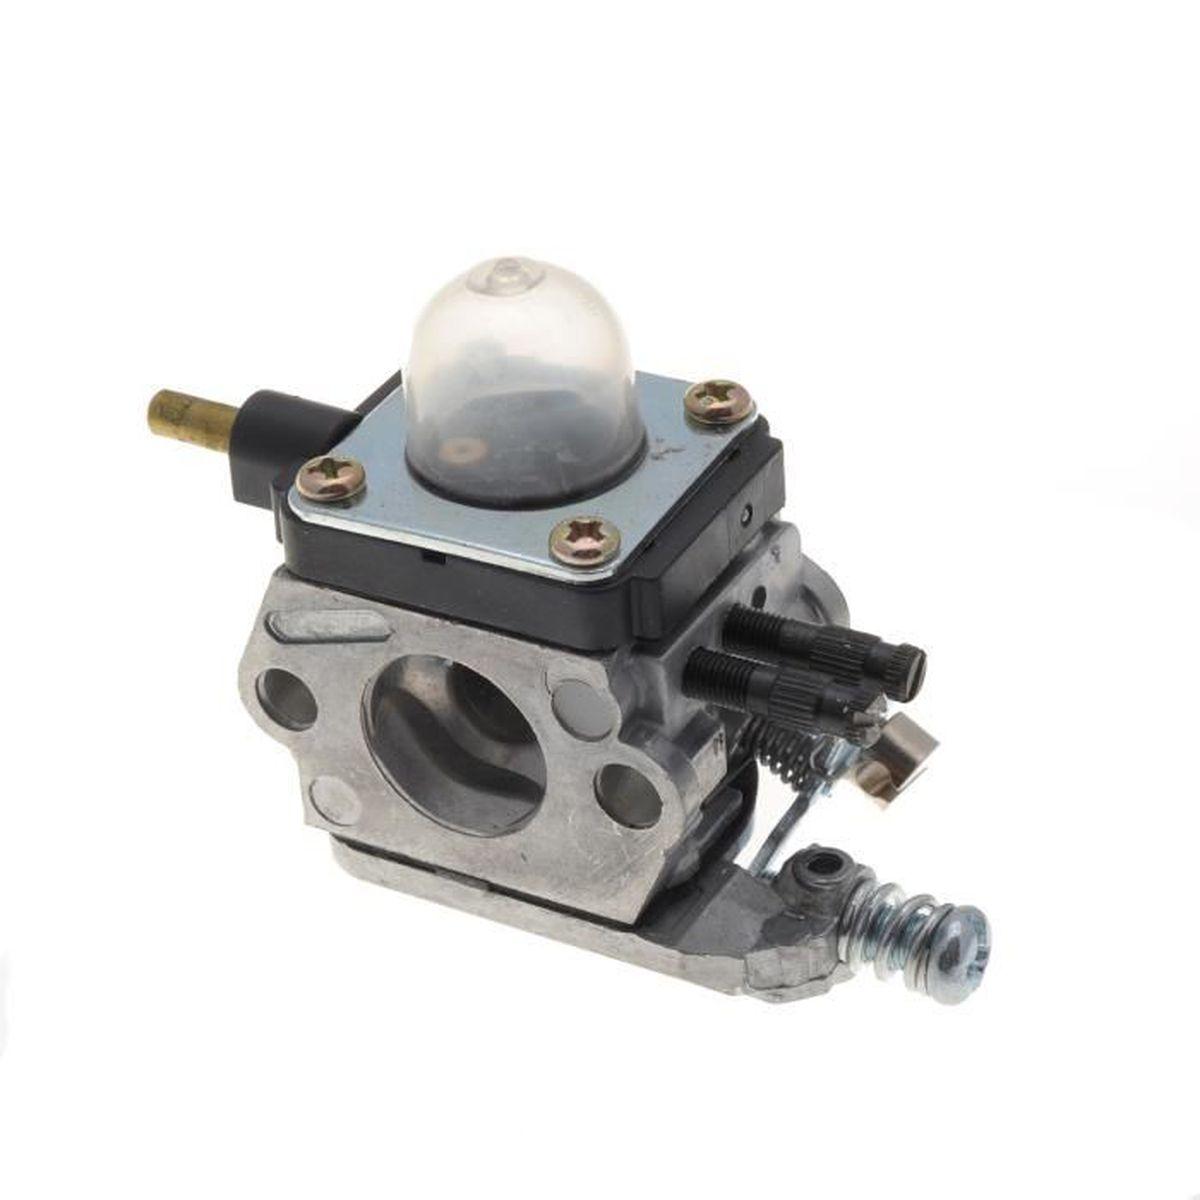 Carburateur adaptable pour motobineuse Mantis Echo remplace ...